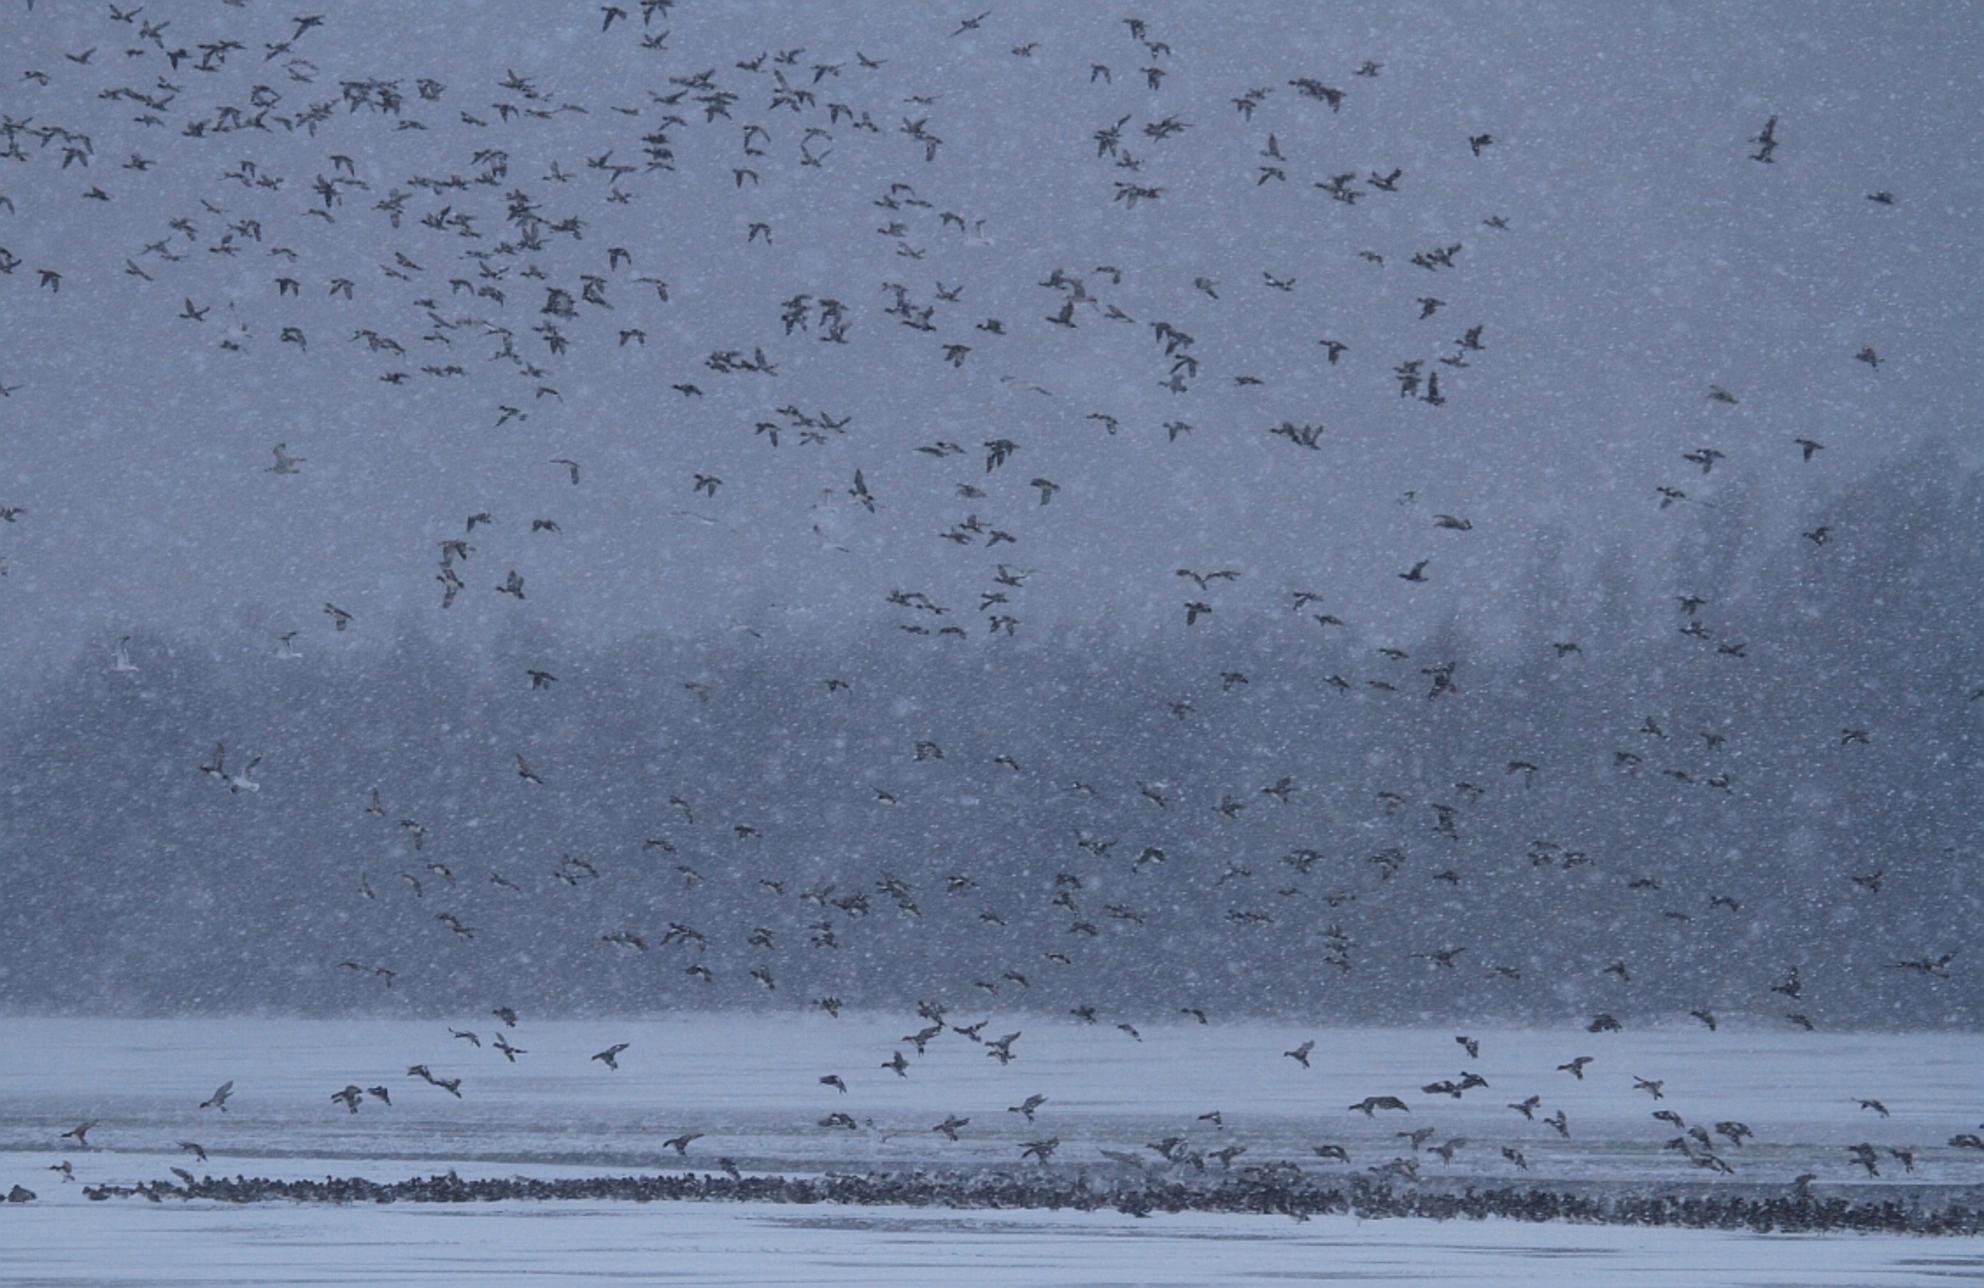 Het laatste wak! - Alleen de vaargeul was op dat moment in dat jaar nog open, waardoor er dan ook massaal gebruik van werd gemaakt. - foto door wilcobekhuis op 17-10-2012 - deze foto bevat: eenden, sneeuw, winter, koud, kou - Deze foto mag gebruikt worden in een Zoom.nl publicatie